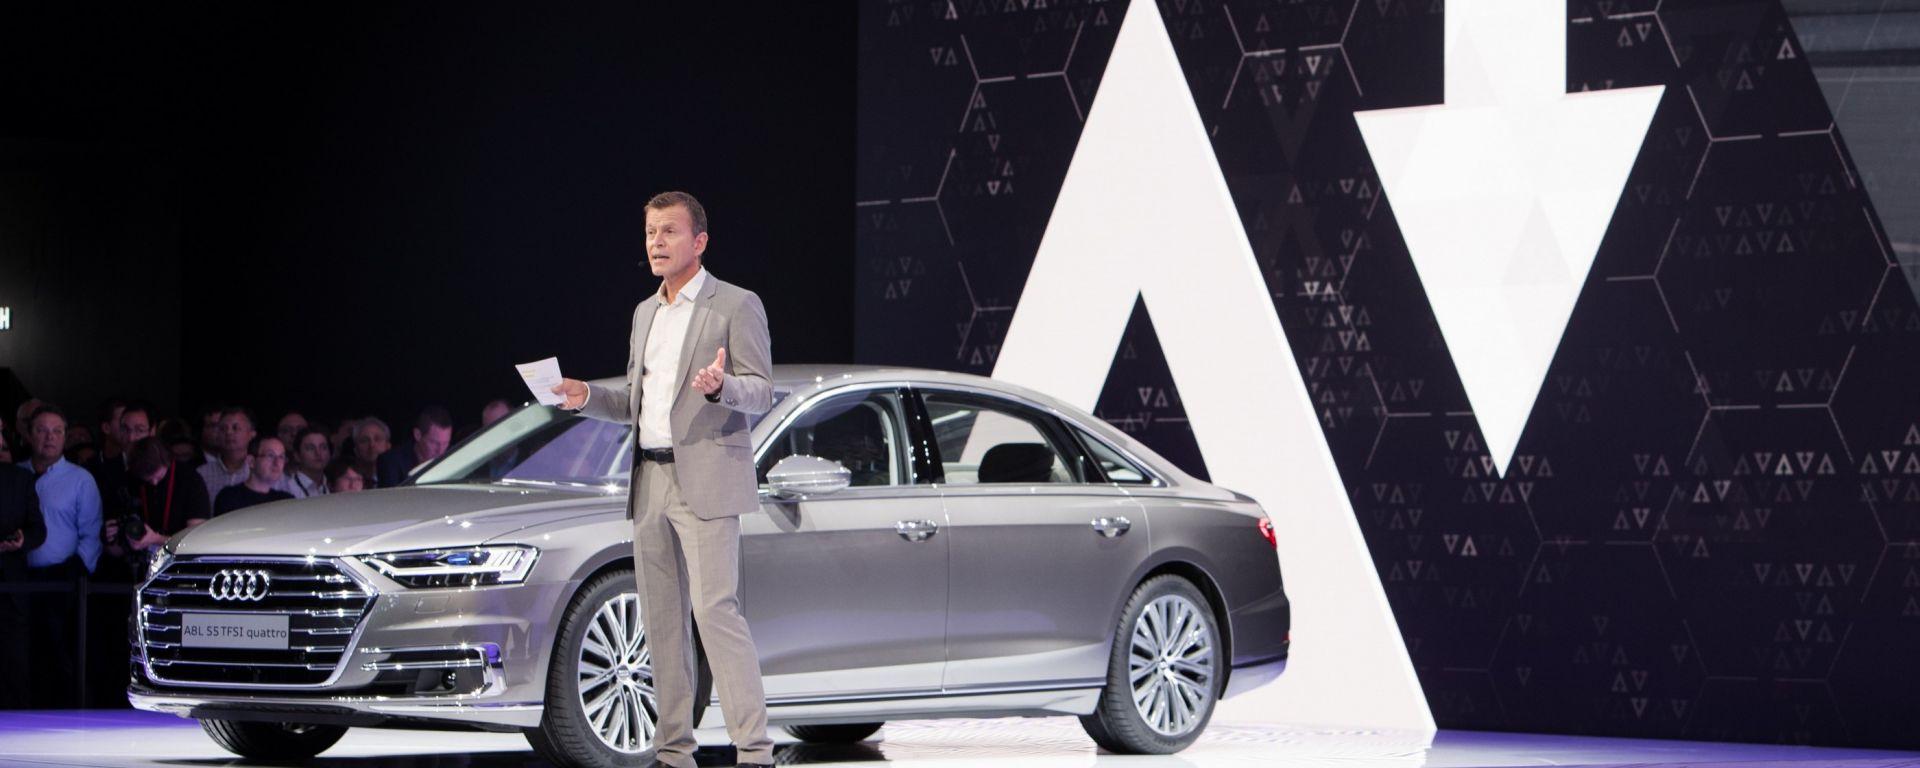 Audi A8, Salone dell'auto di Francoforte 2017